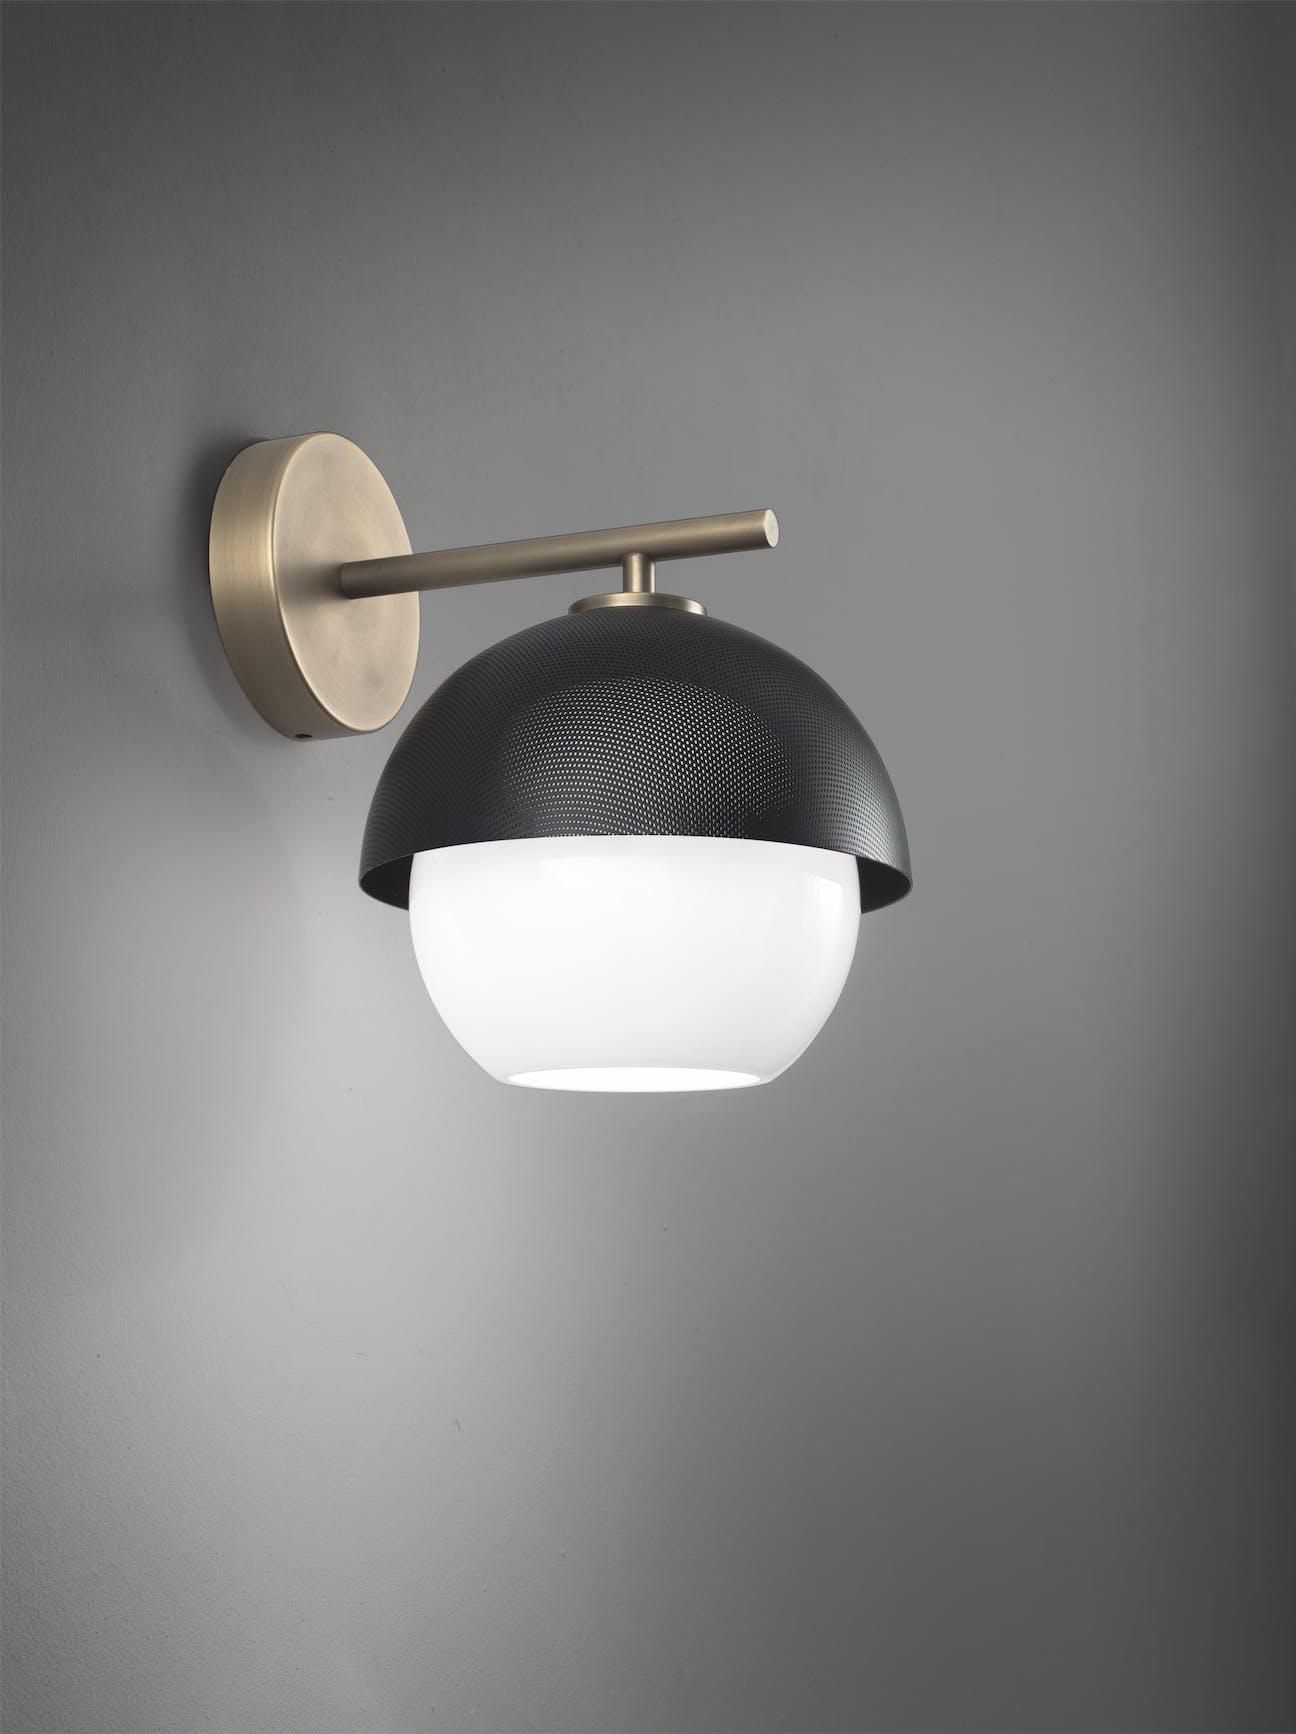 Urban Wall Lamp 1